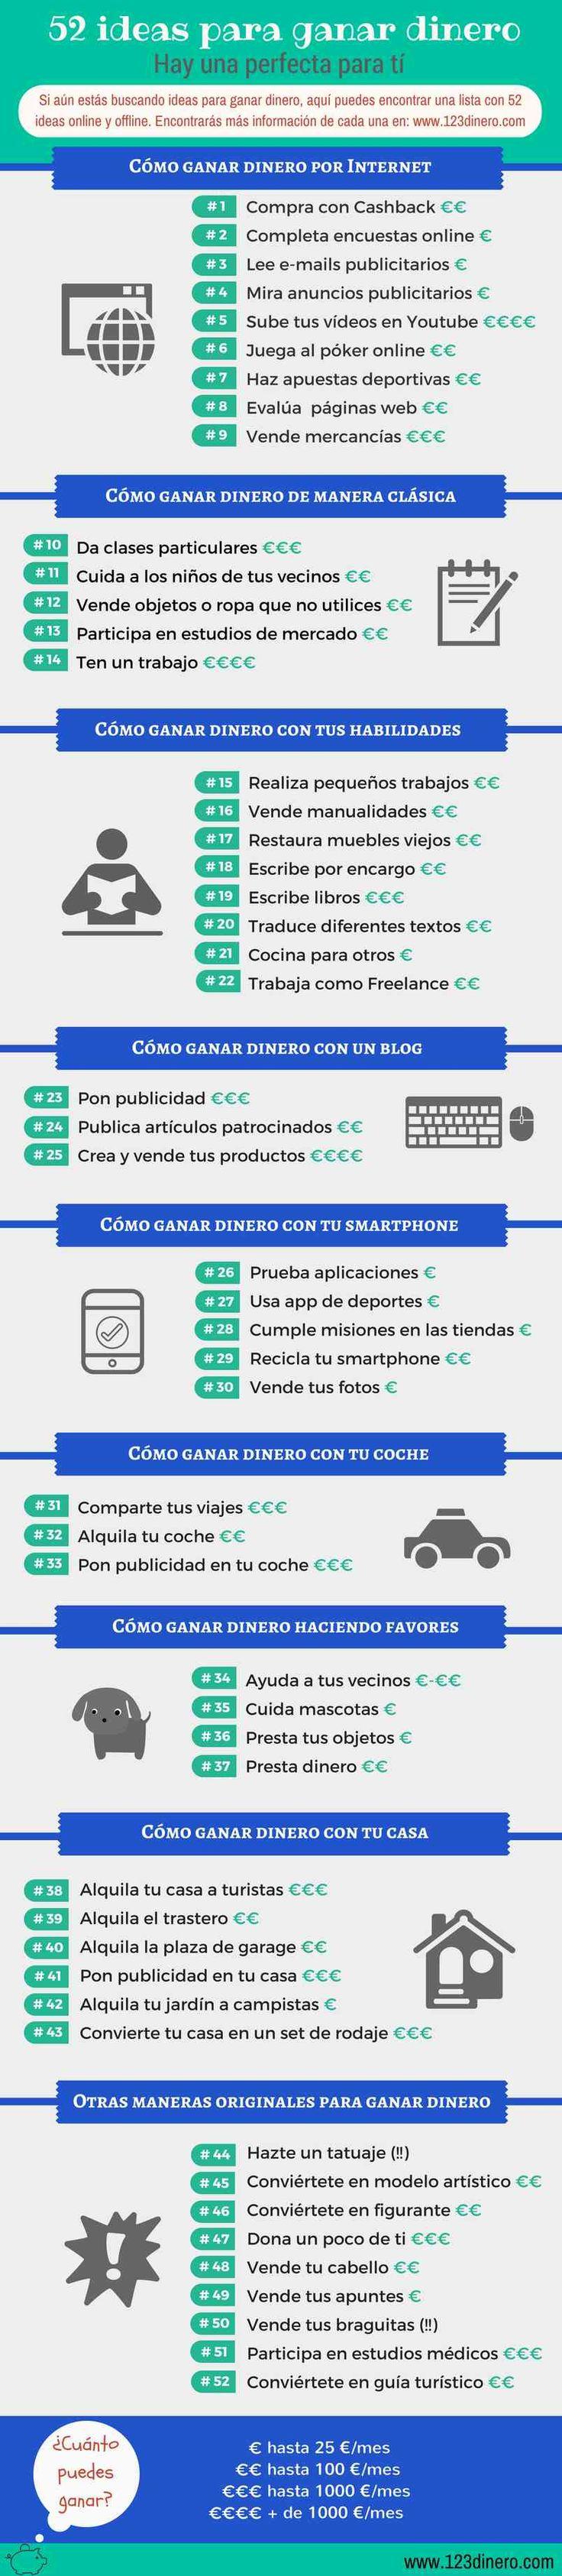 Existen maneras de ganar dinero en Colombia a través de la conexión de internet, con sus bienes o su experiencia ¿Cuál es la suya?